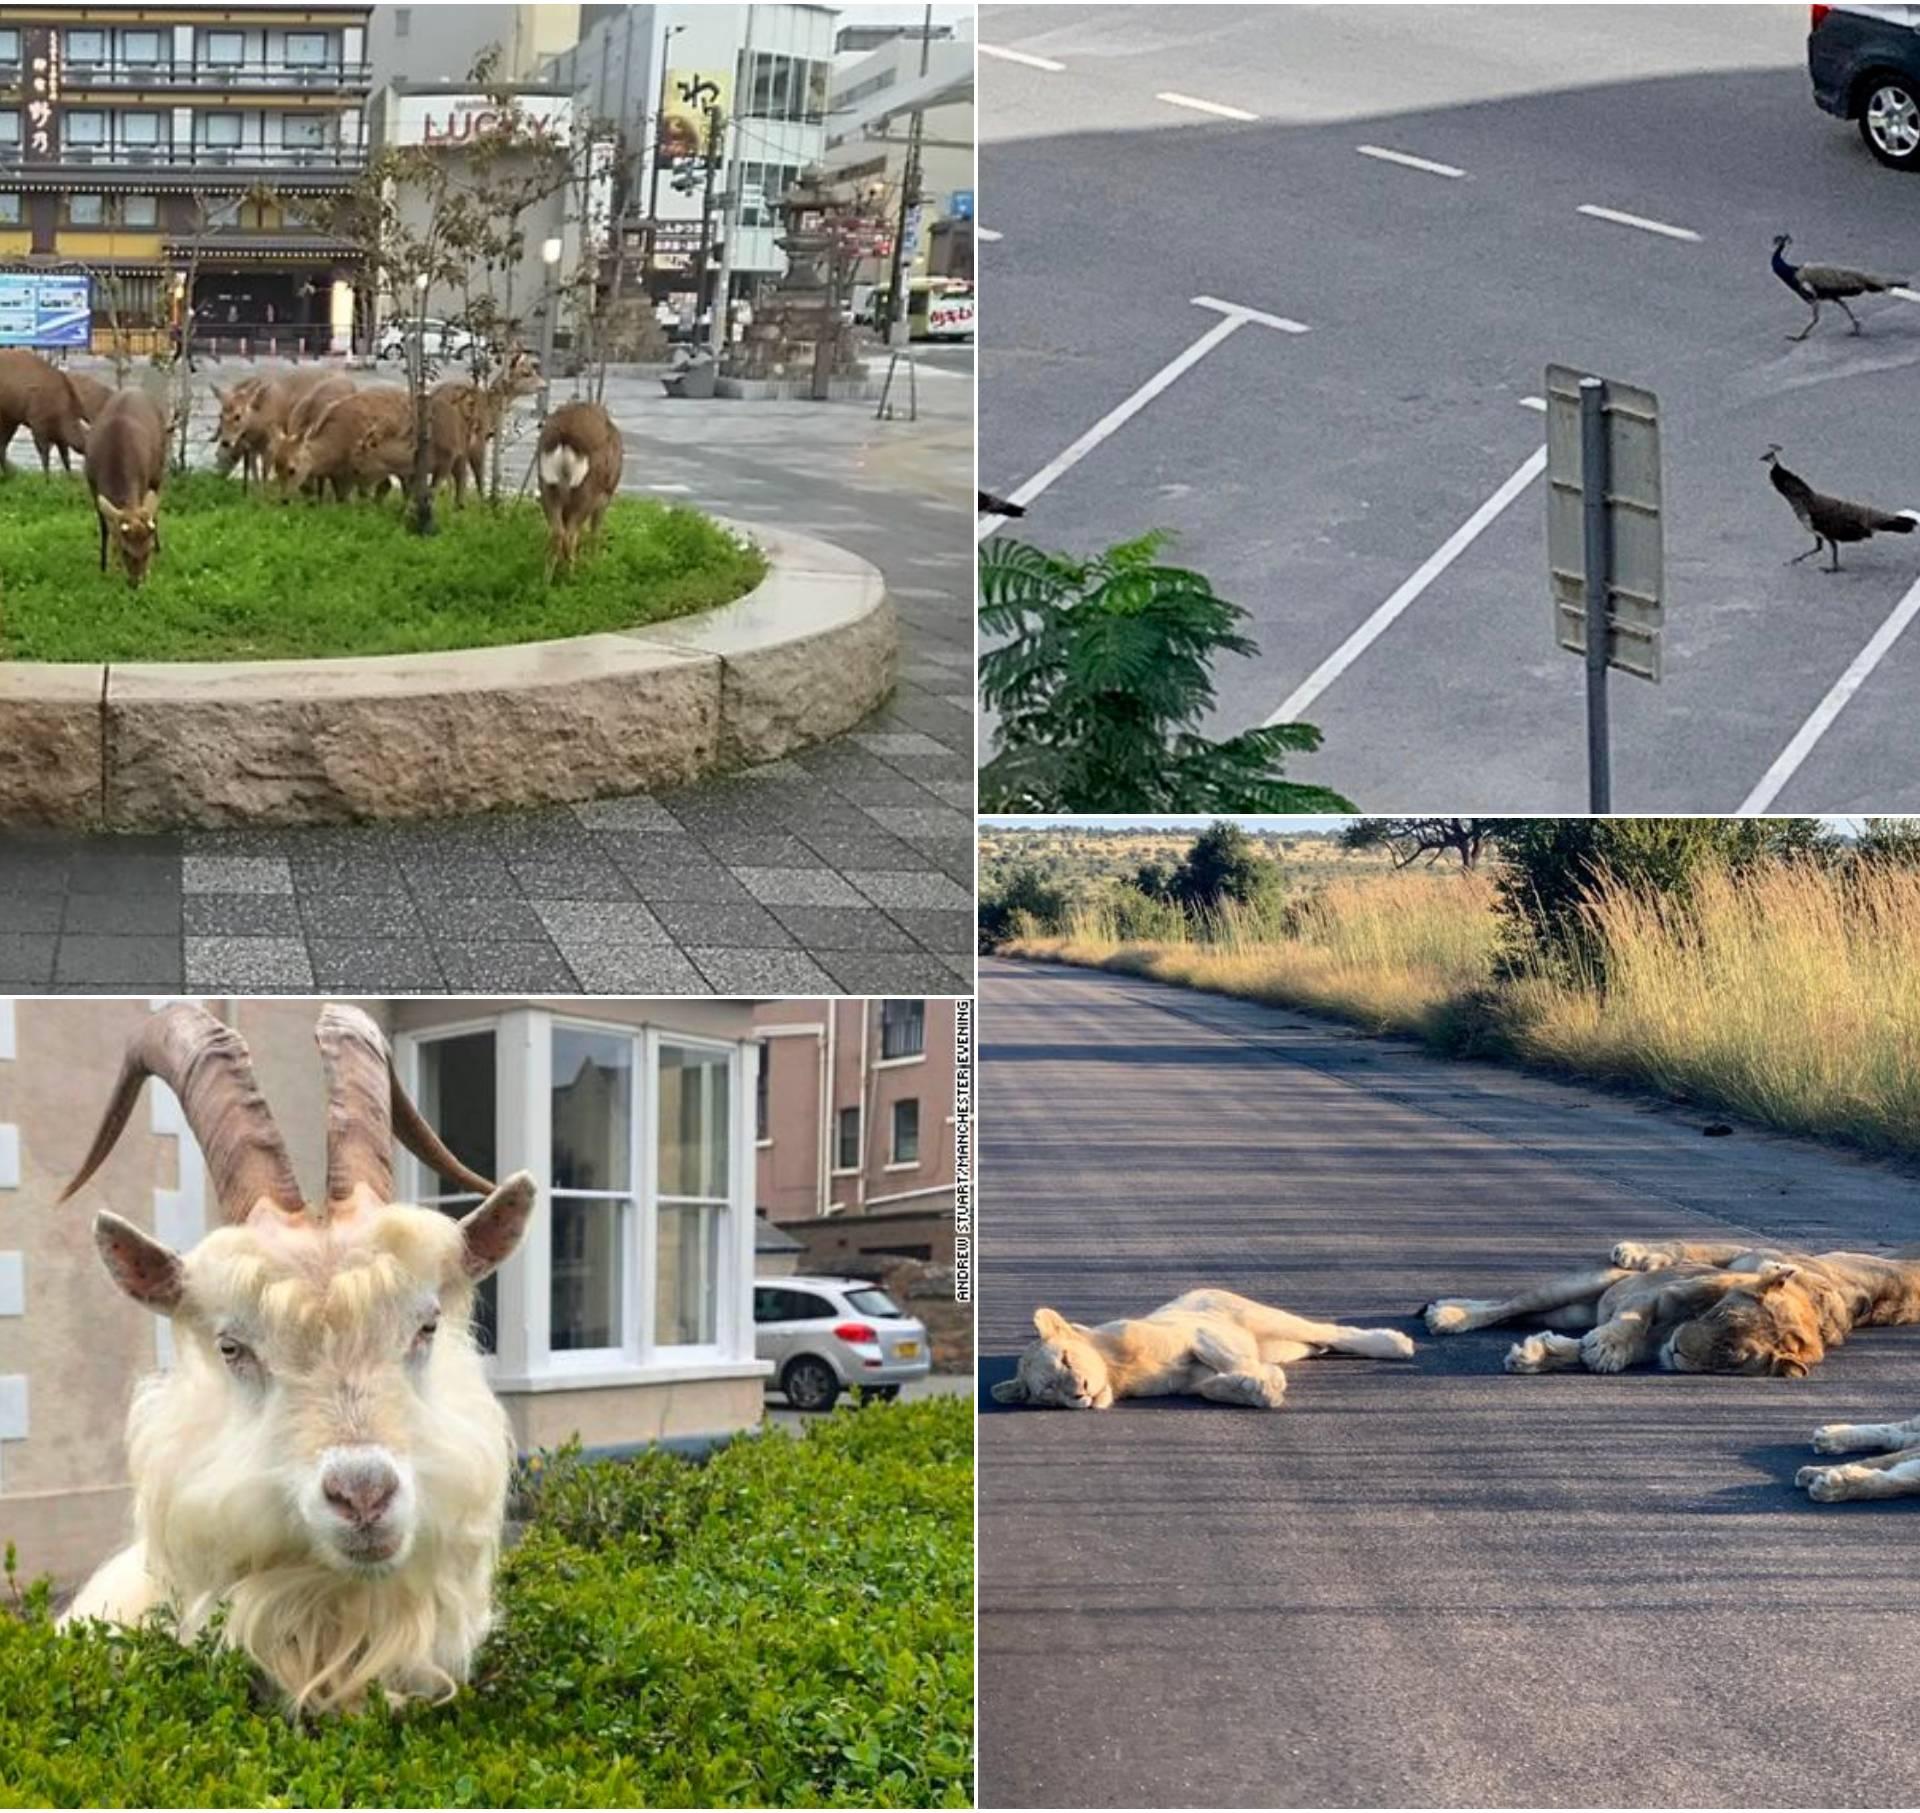 Divlje životinje istražuju ulice grada dok ljudi sjede kod kuće